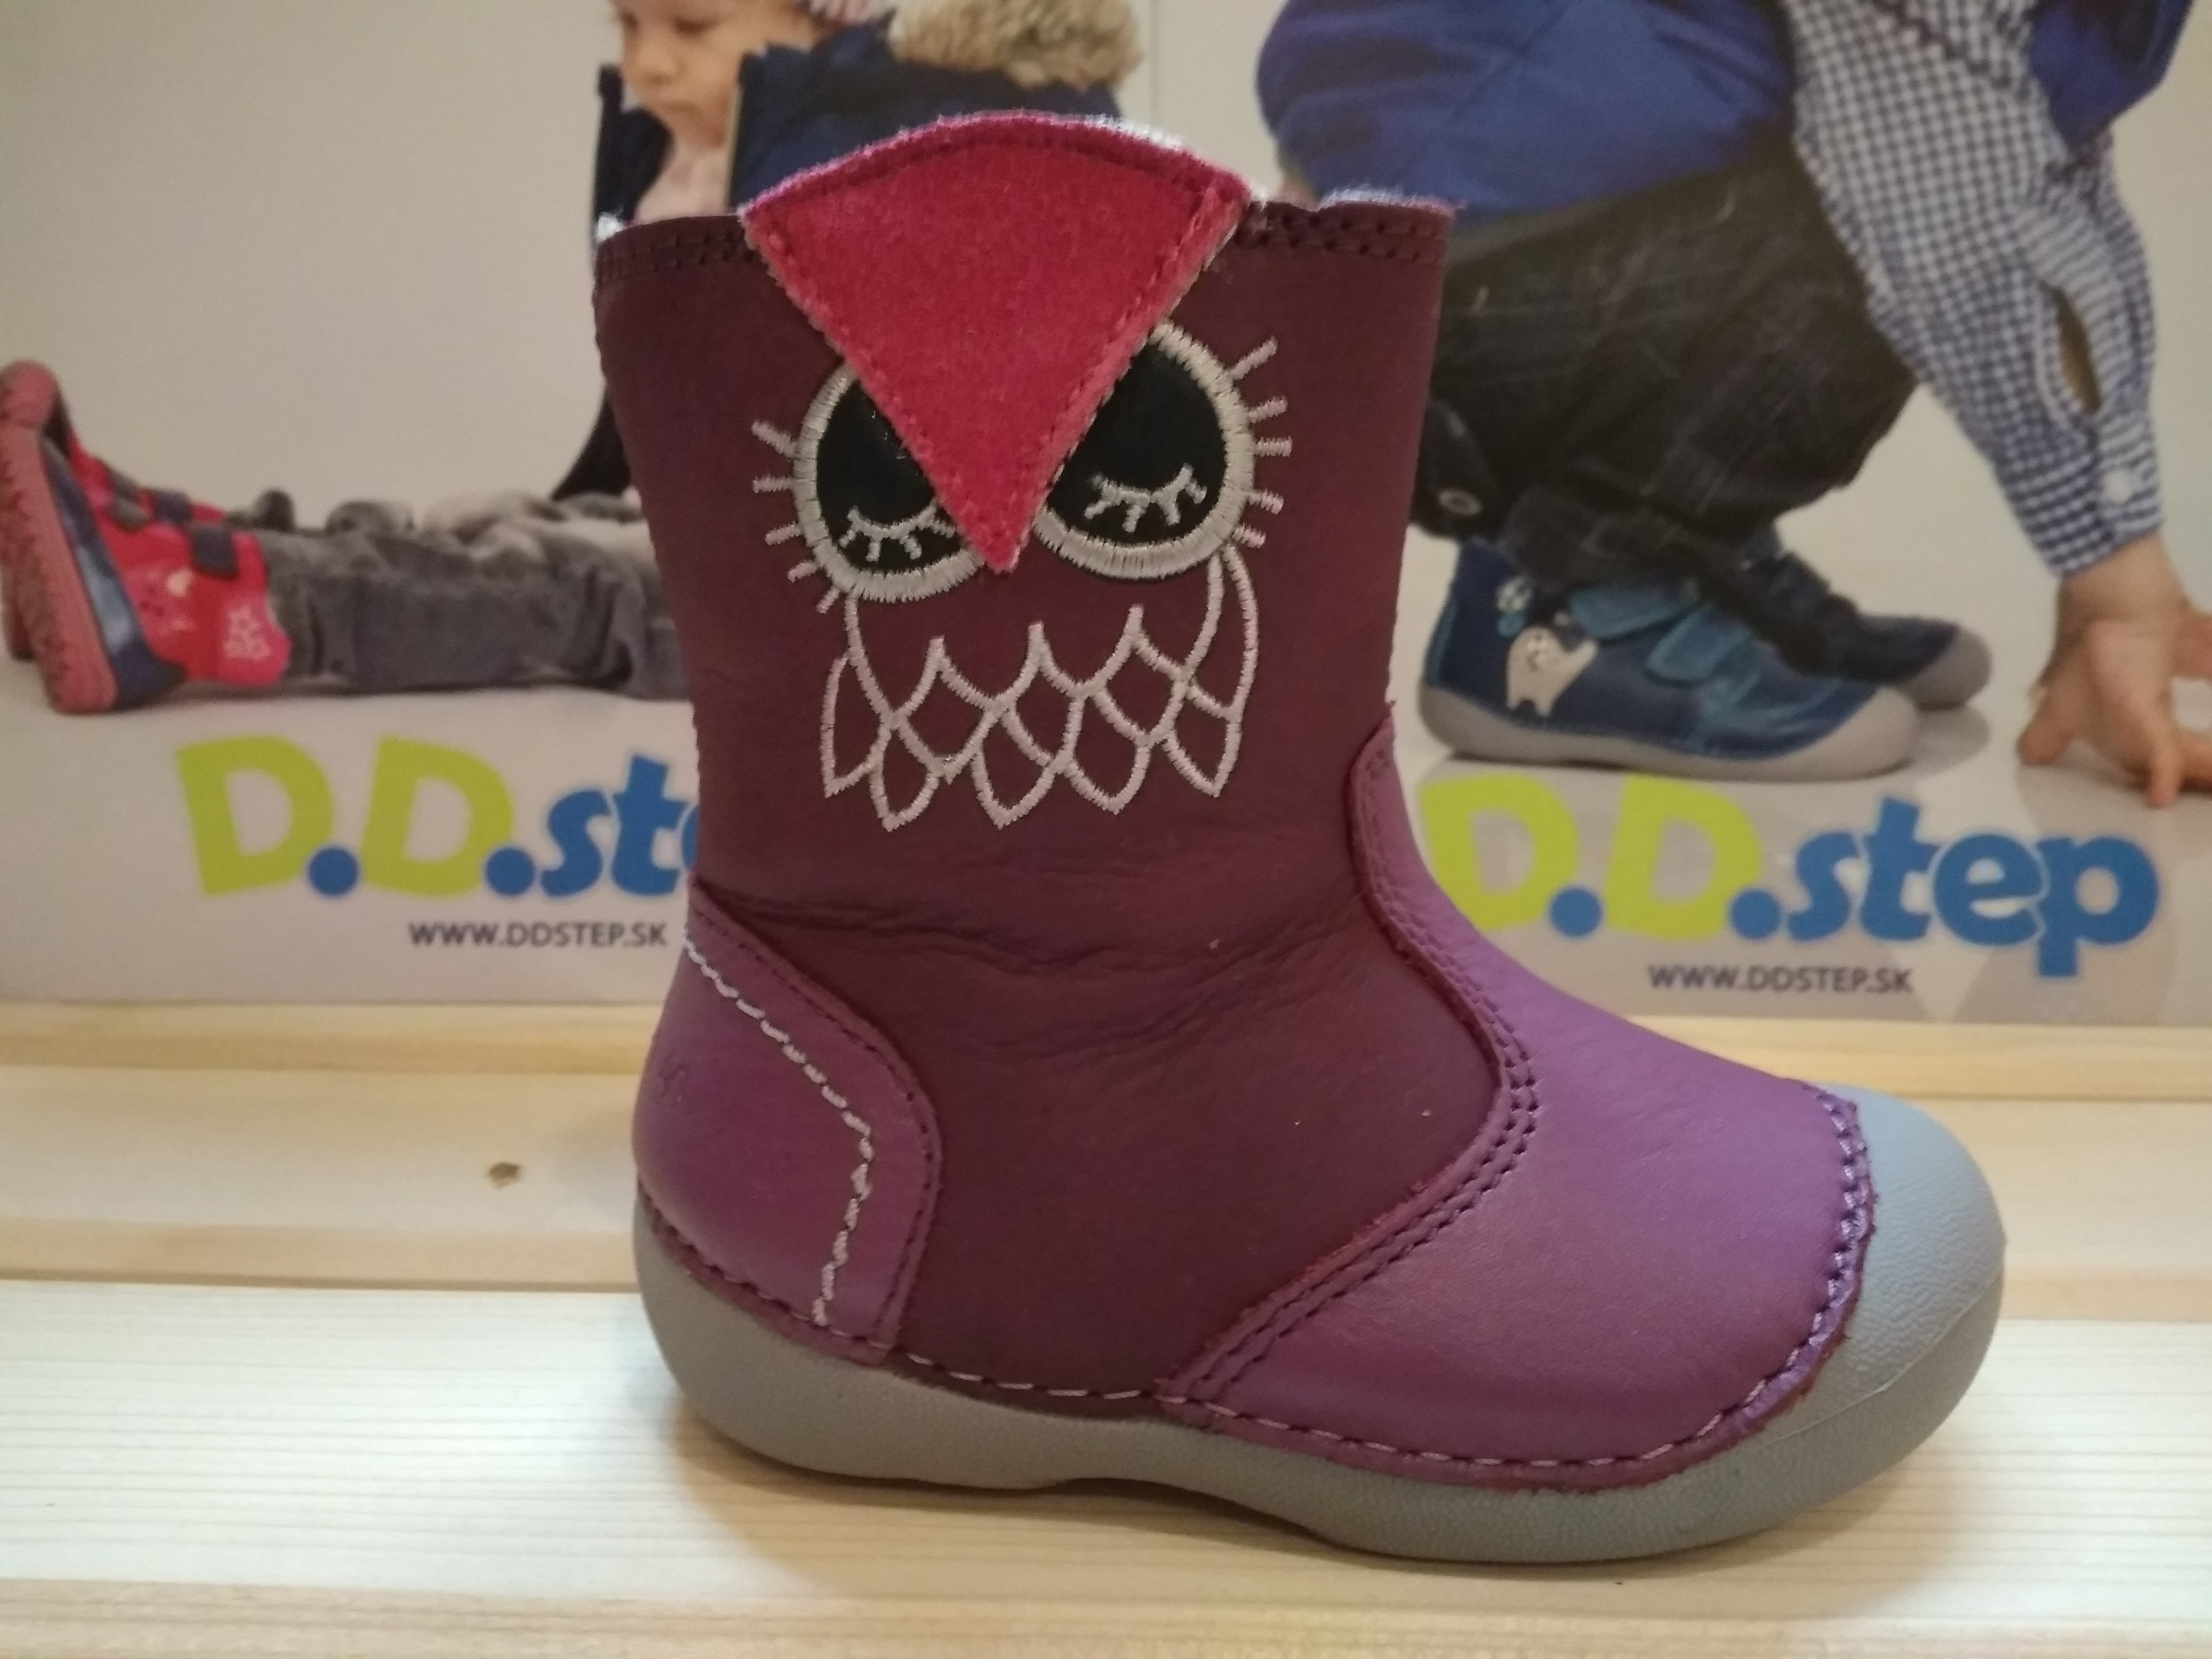 cbcfc1ffa2e6 Zimná kožená obuv D.D.step 015-157B